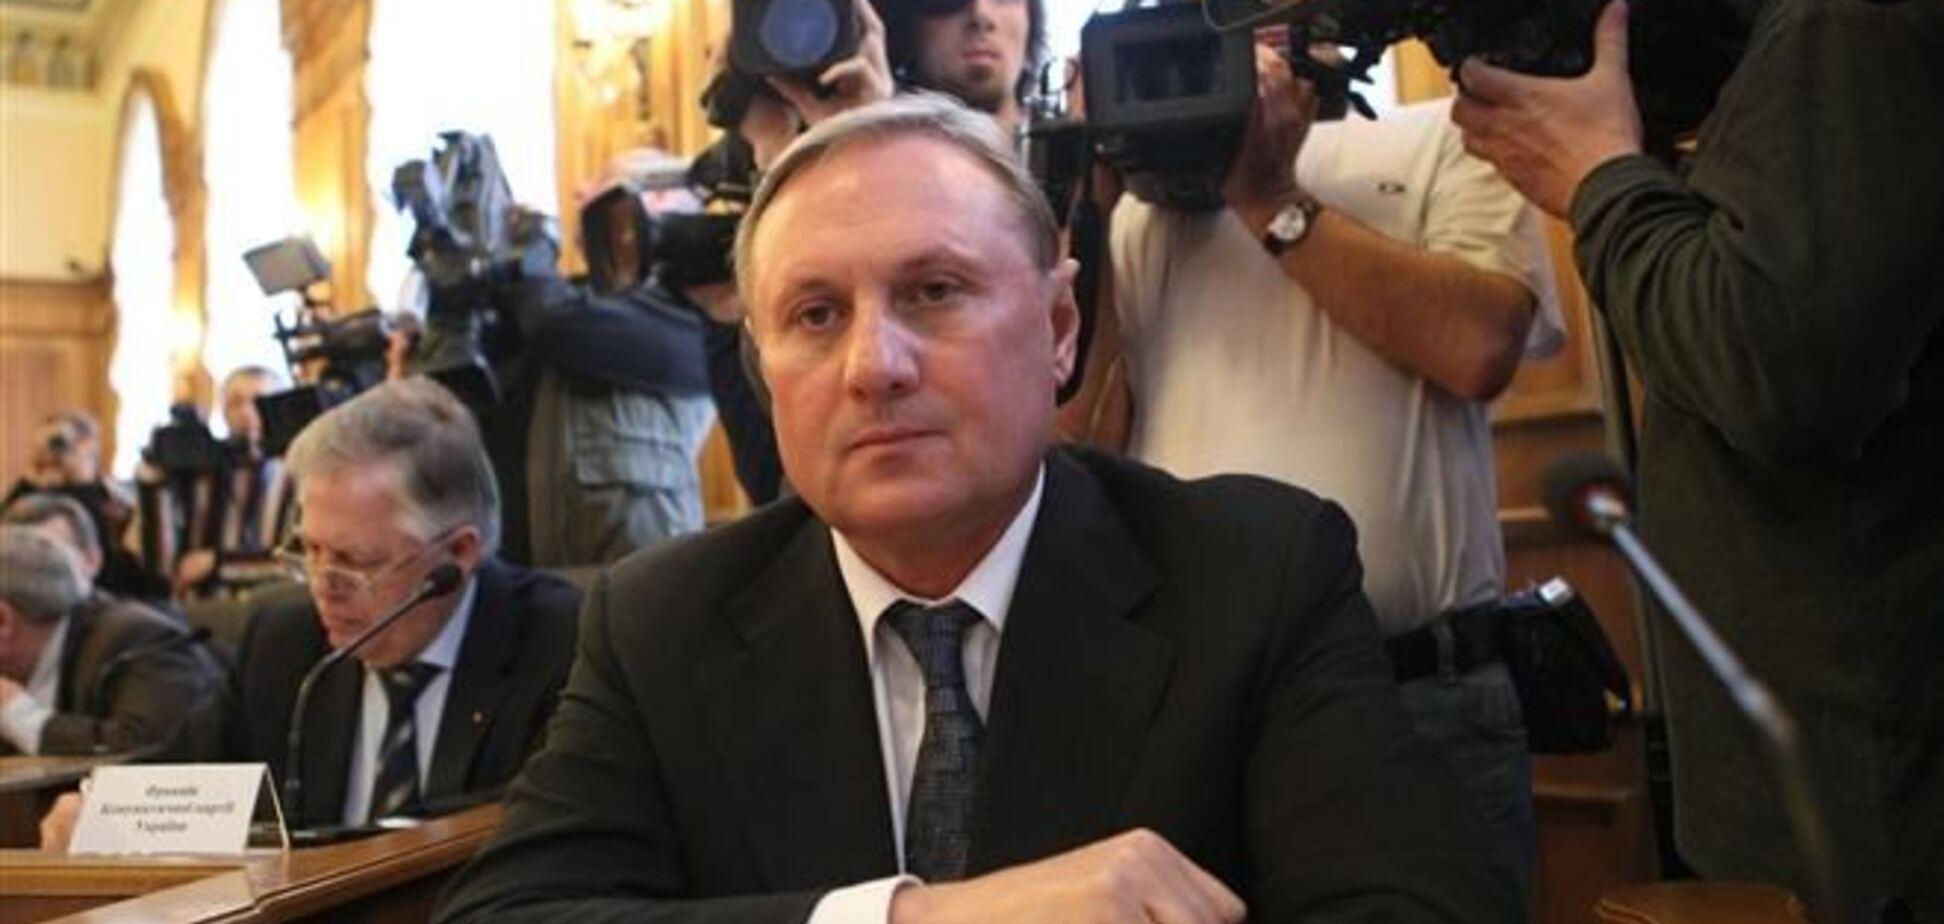 Евромайдановцы пикетировали дом Ефремова в Луганске